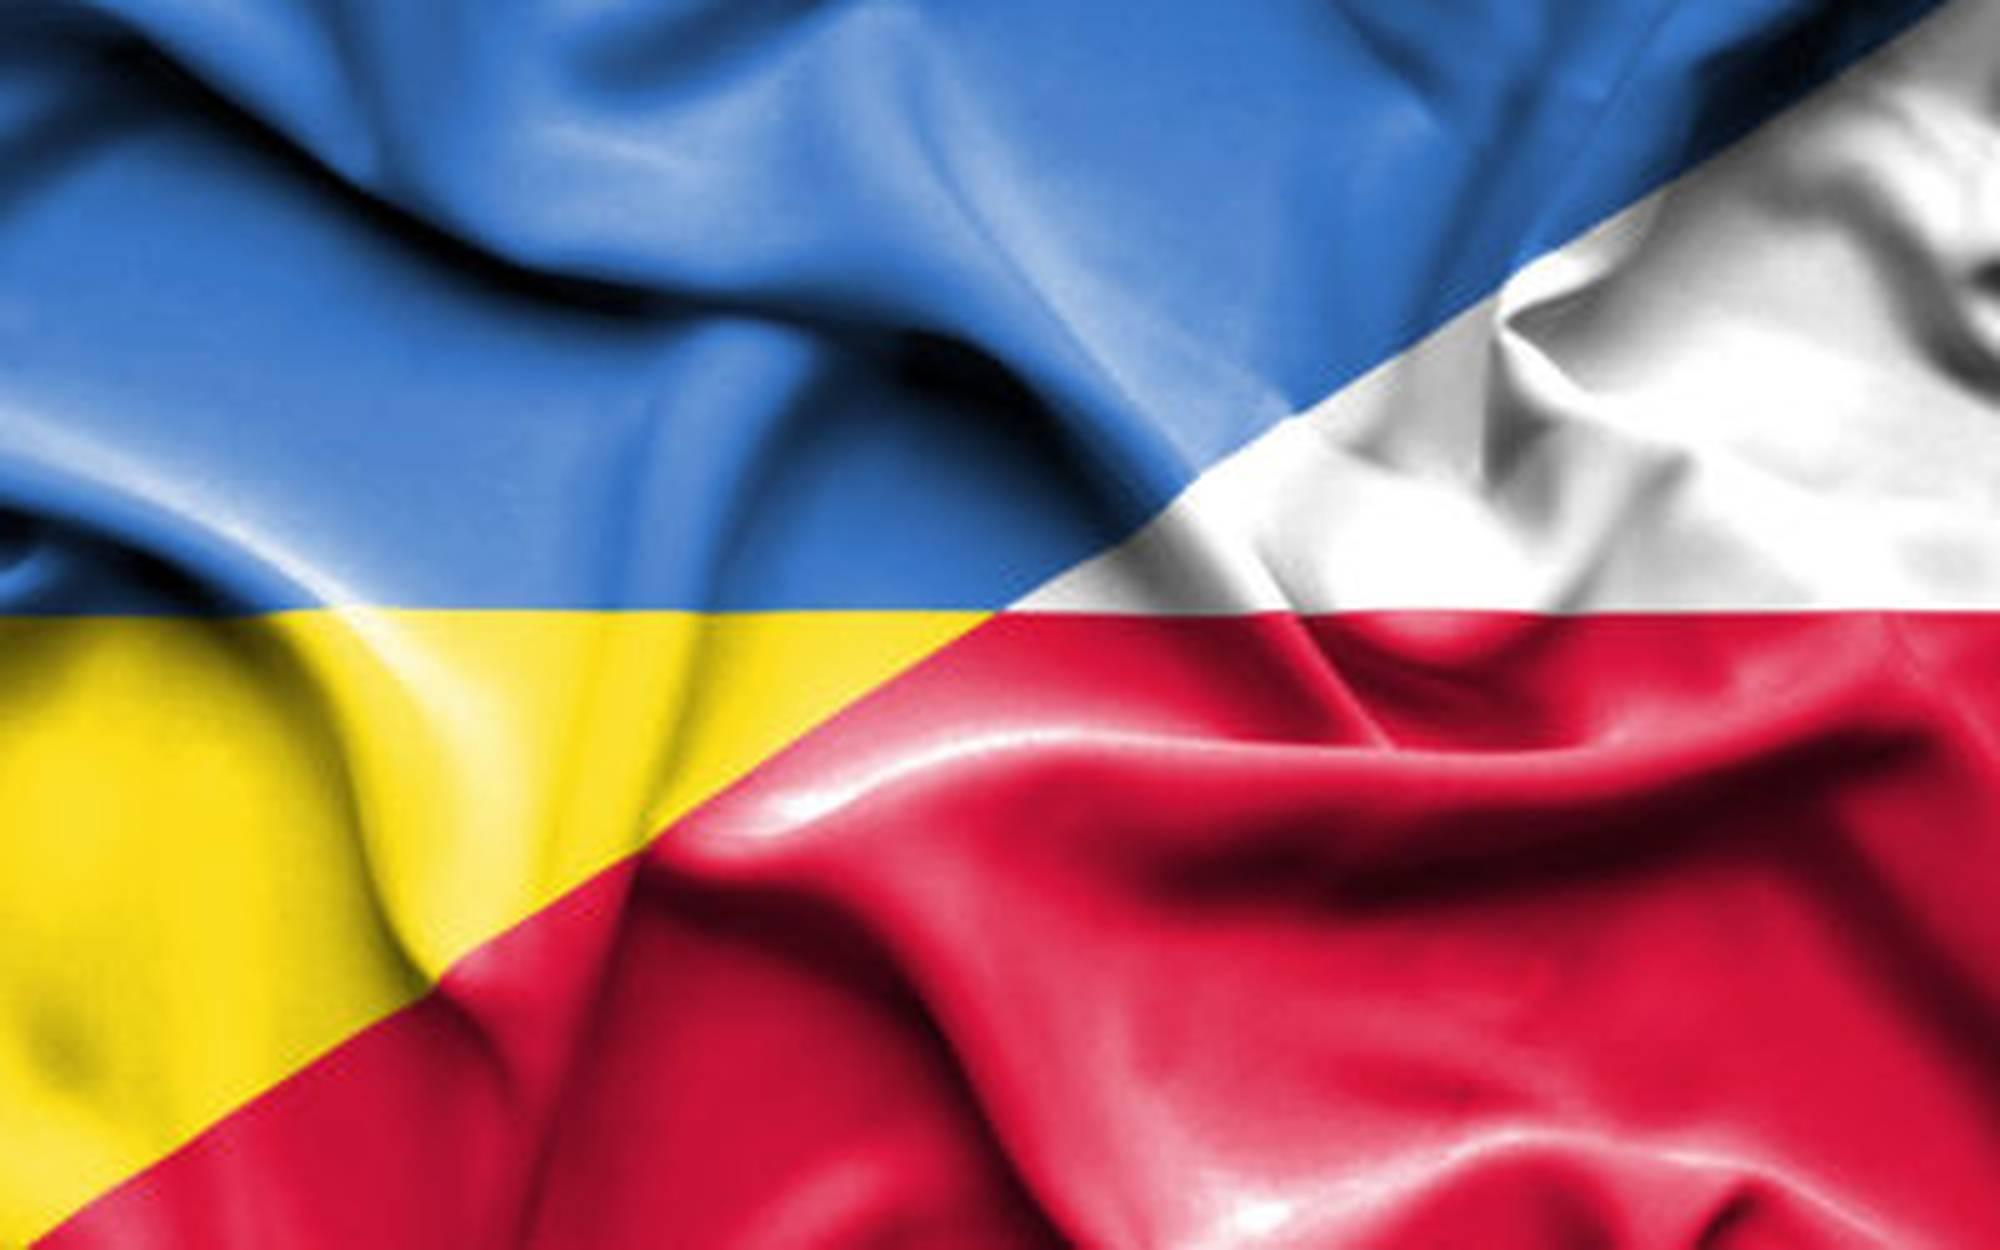 Кабмин Украины утвердил бесплатную выдачу польских виз украинским гражданам.